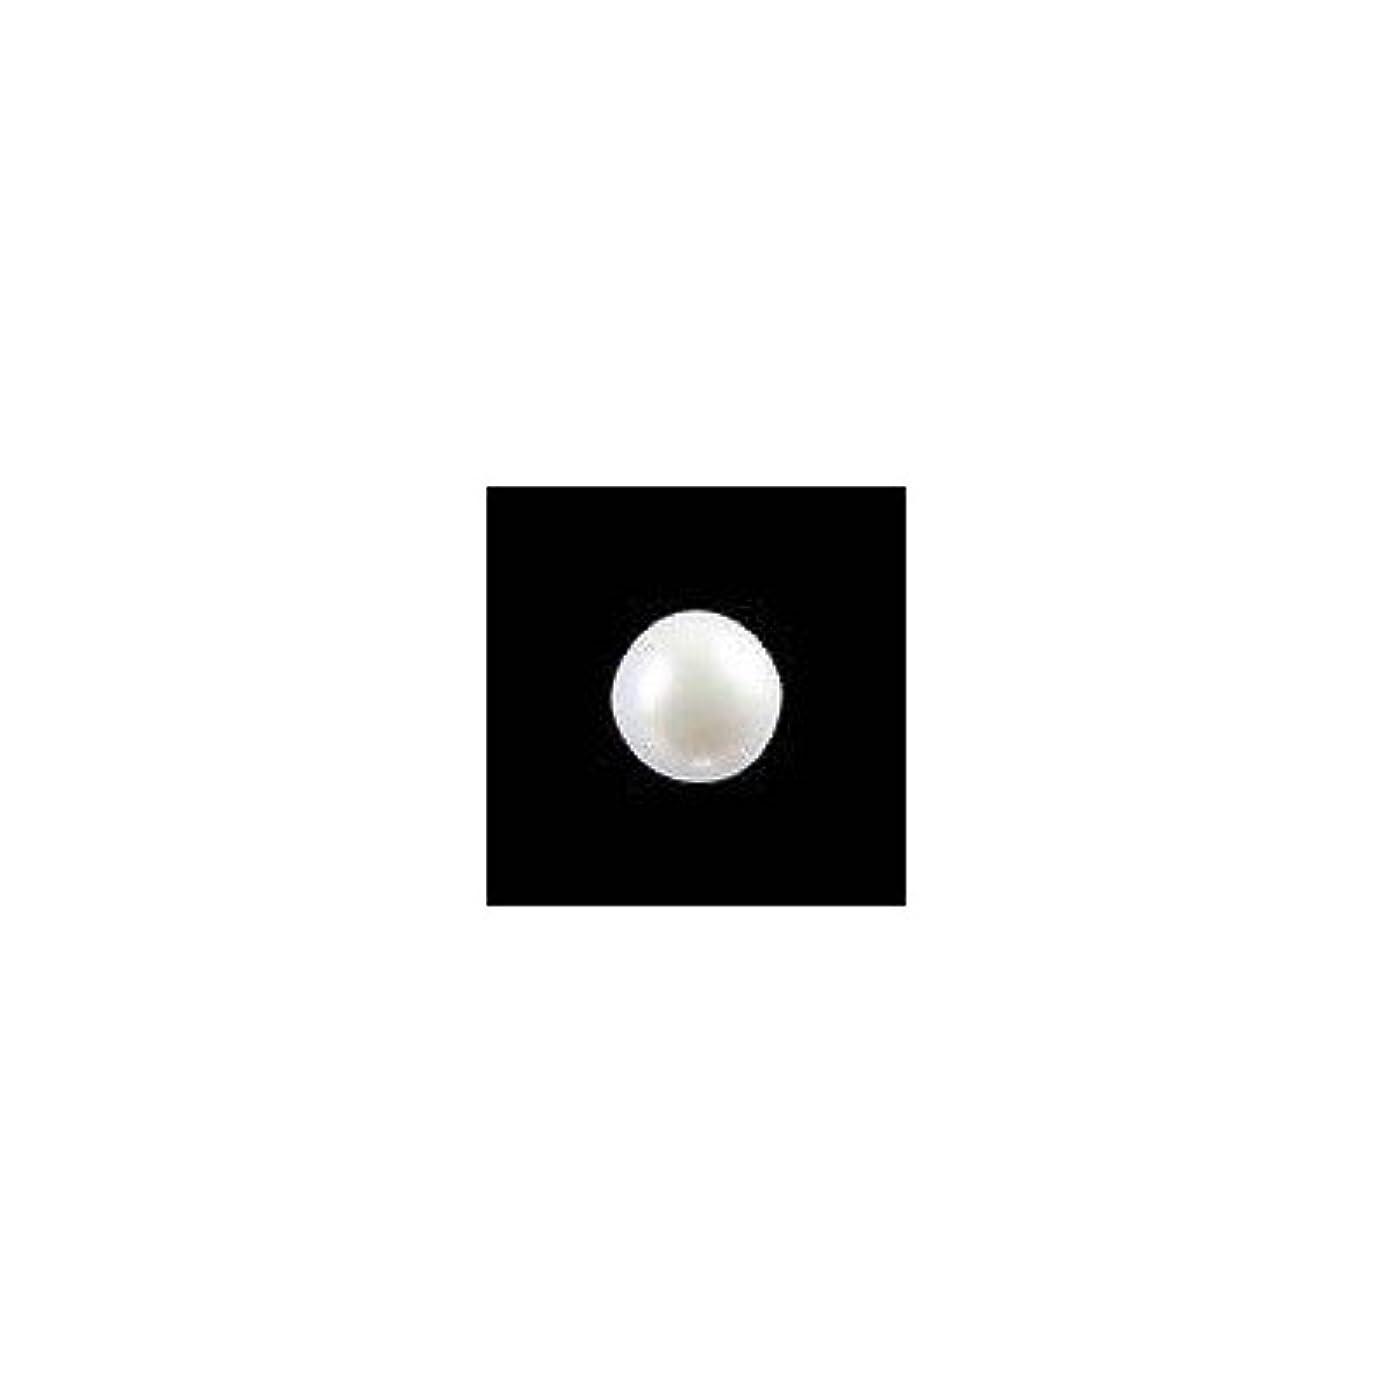 株式会社設計図キャンバスピアドラ 大粒パール ラウンド(4mm)24P